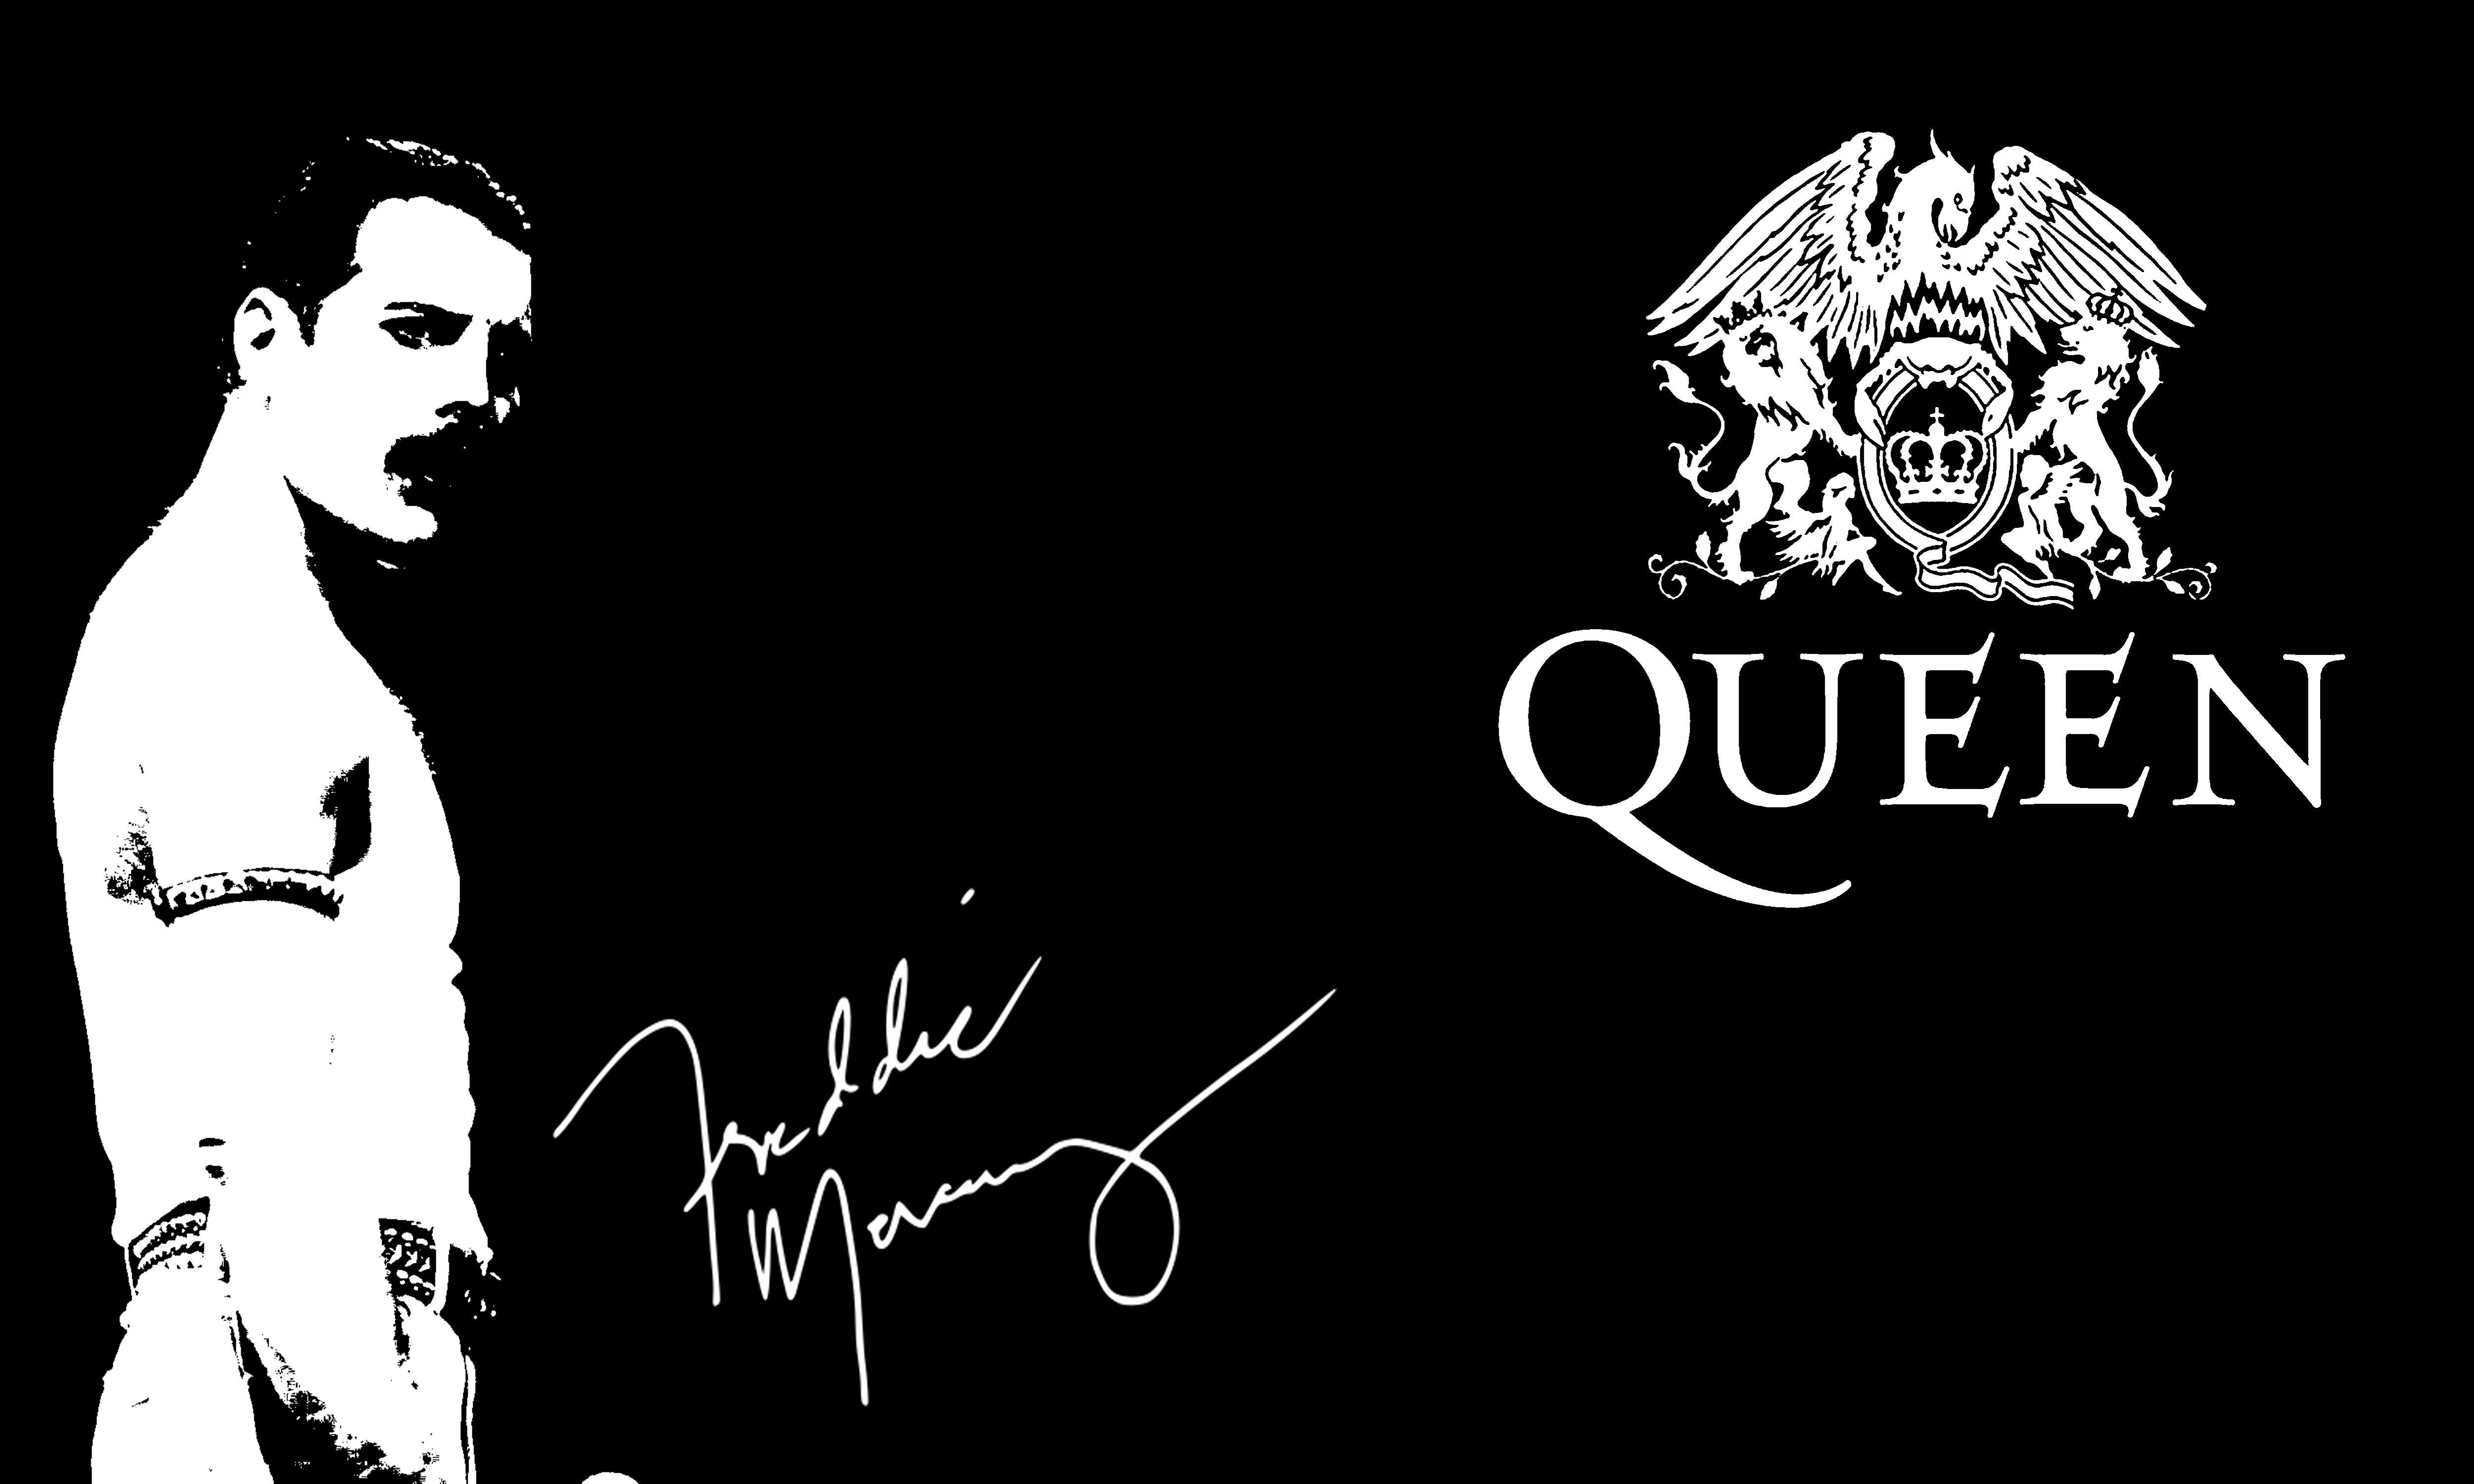 Freddie Mercury Queen Wallpaper By Albertlawliet D4zrhiu Jpg 5000 3000 Freddie Mercury Mejores Bandas De Rock Mercury